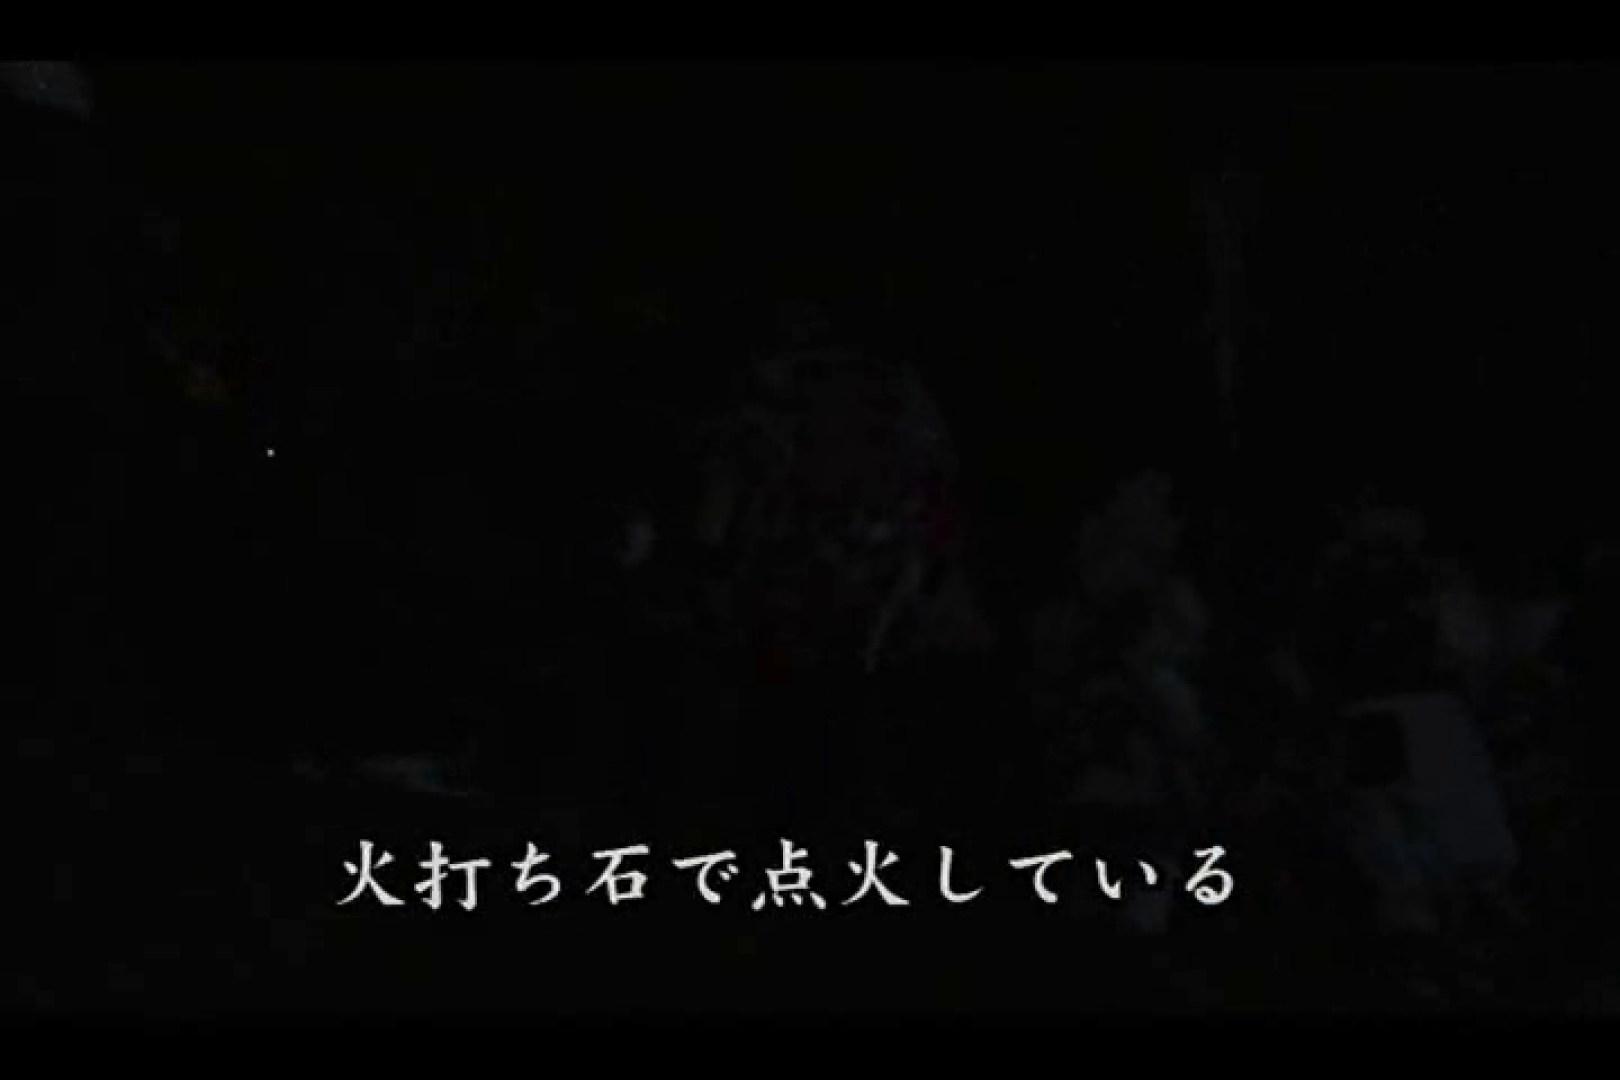 鳥羽の火祭り 3000K!高画質バージョンVOL.03 0 | ドラマ  59pic 18